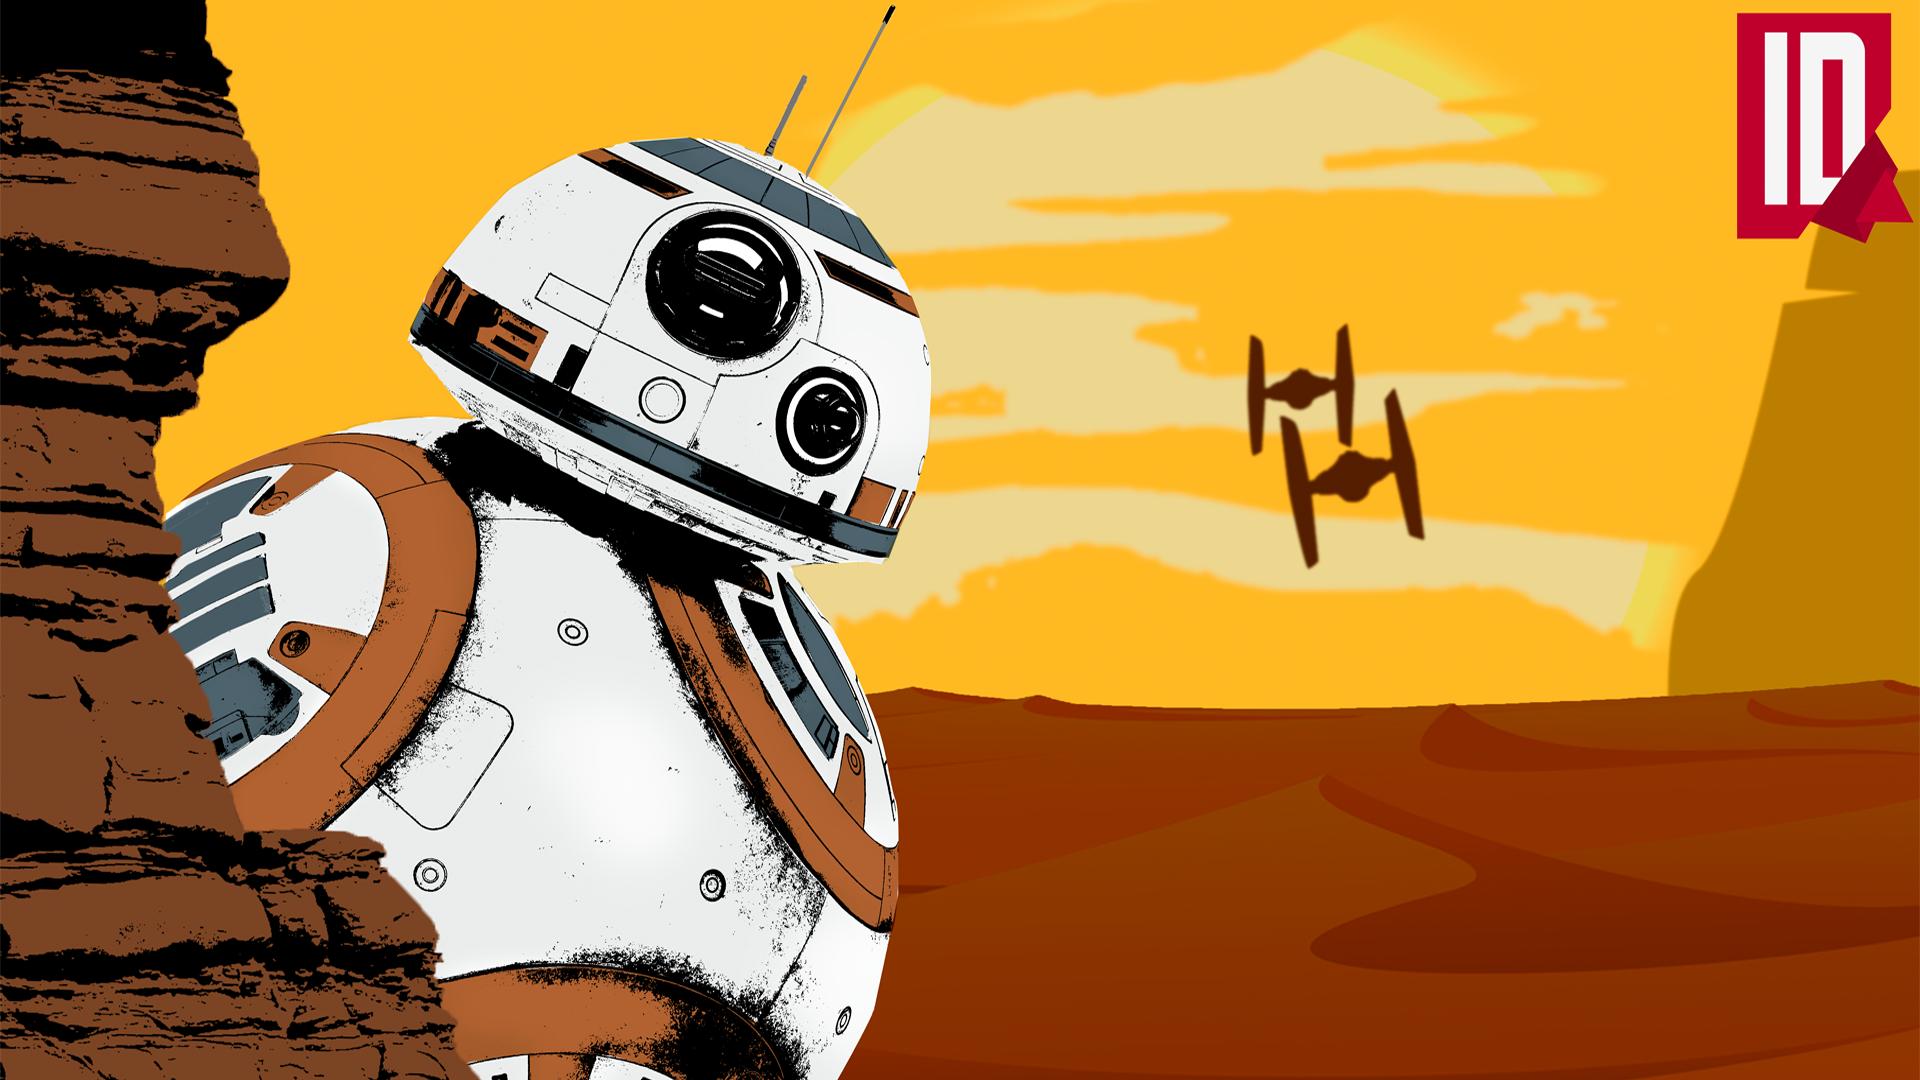 Star Wars Bb 8 Wallpaper By Individualdesign On Deviantart